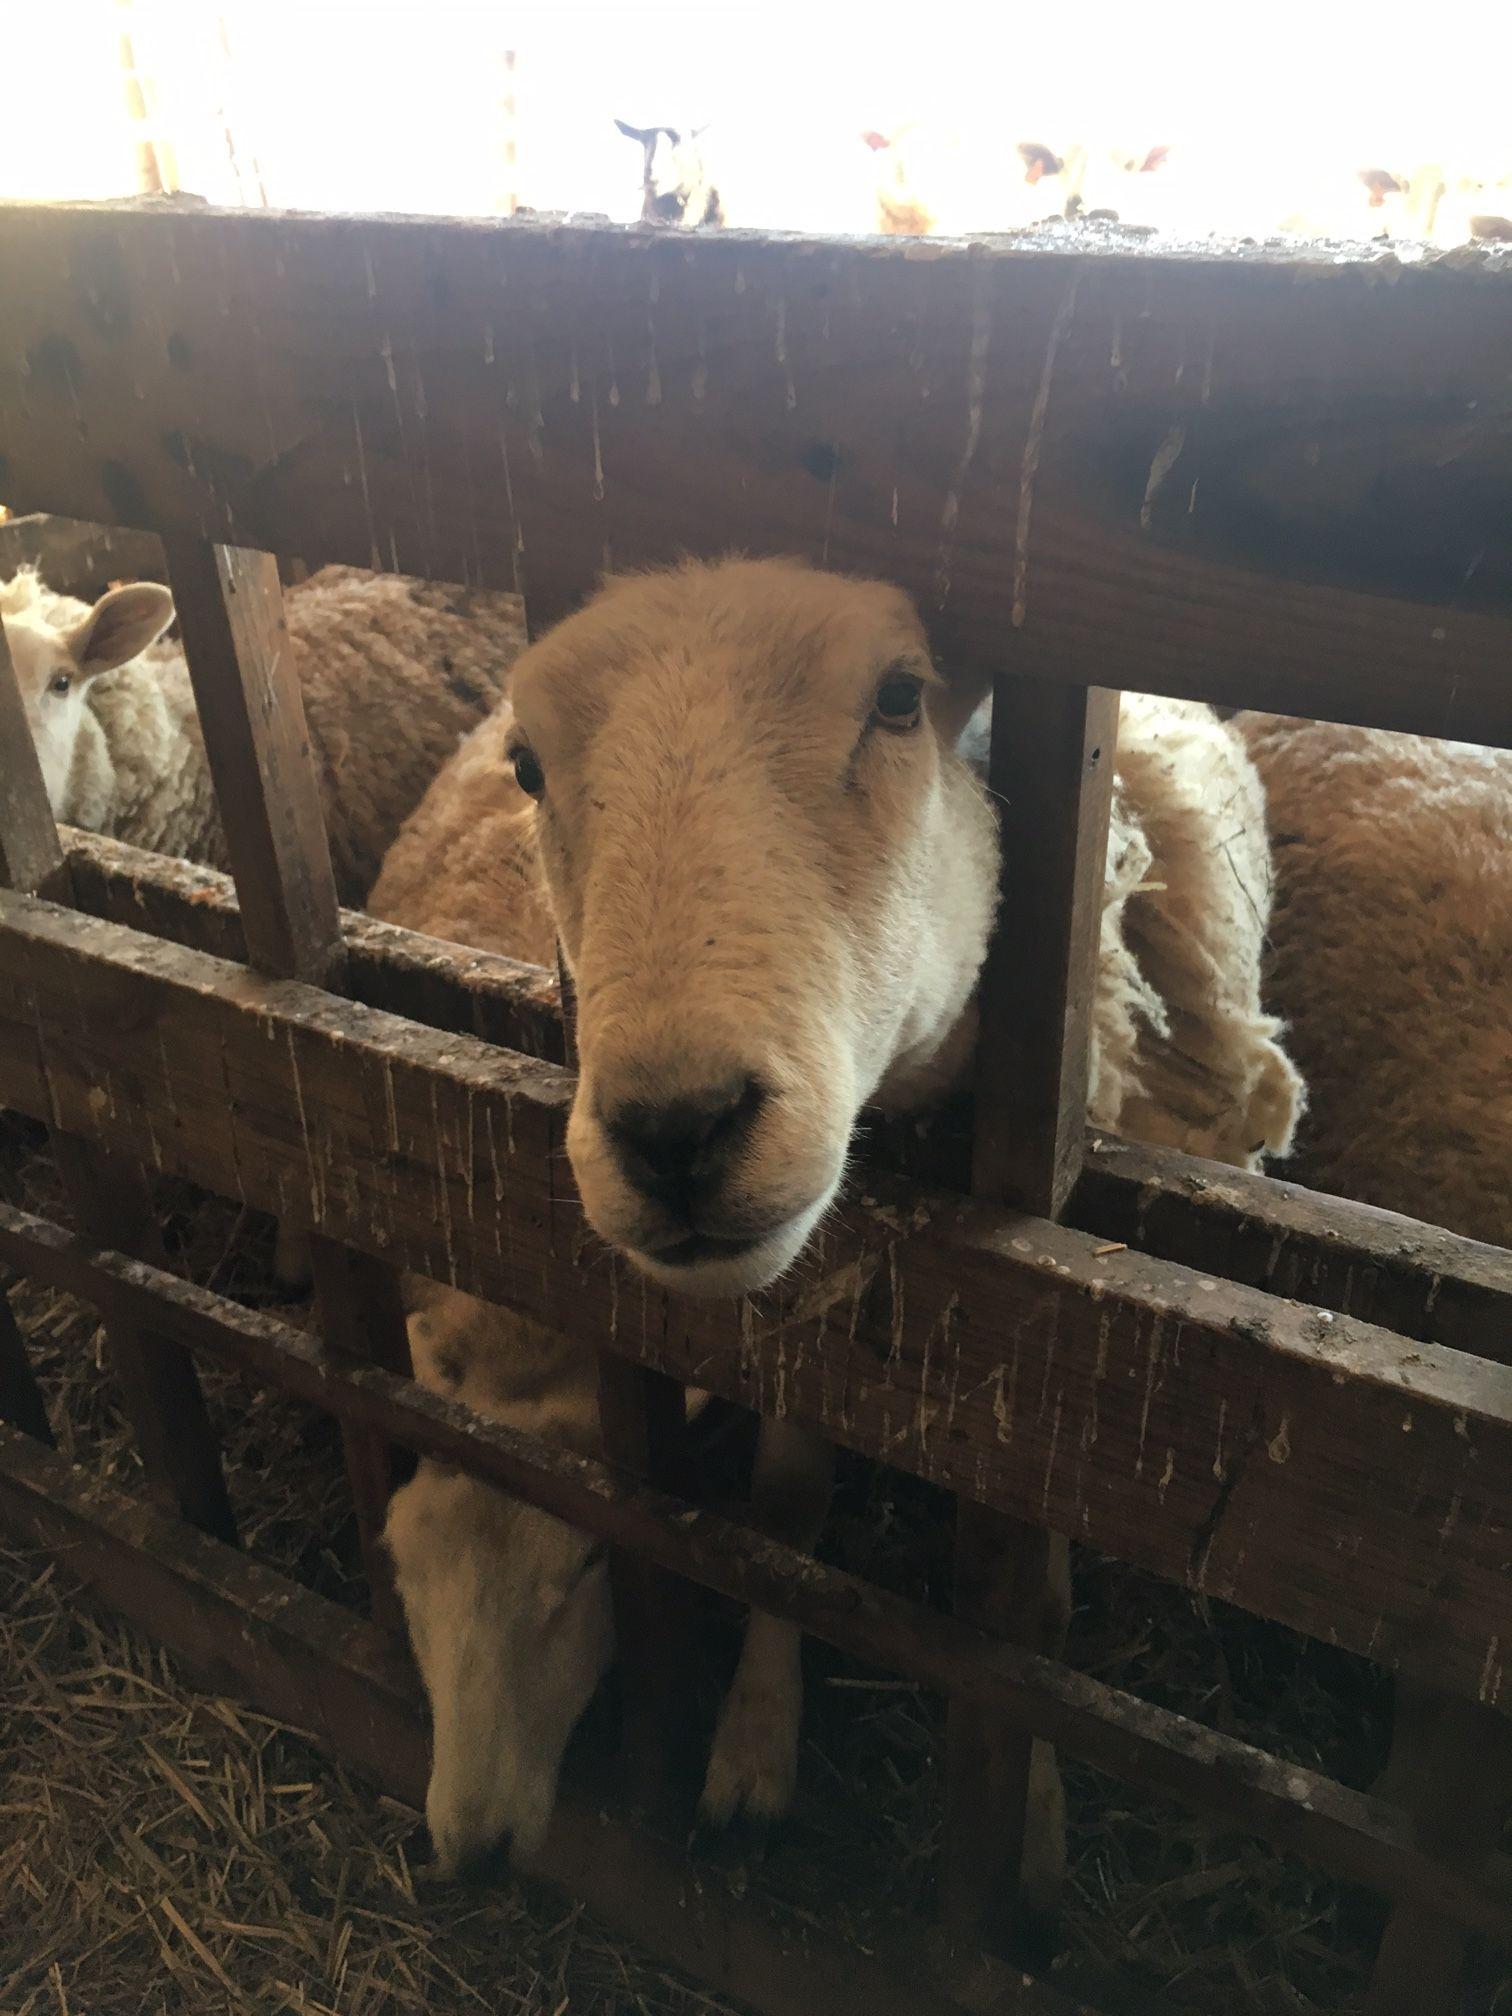 Pet me! Sheep at Mr. Ed's Farm love having visitors. Photo